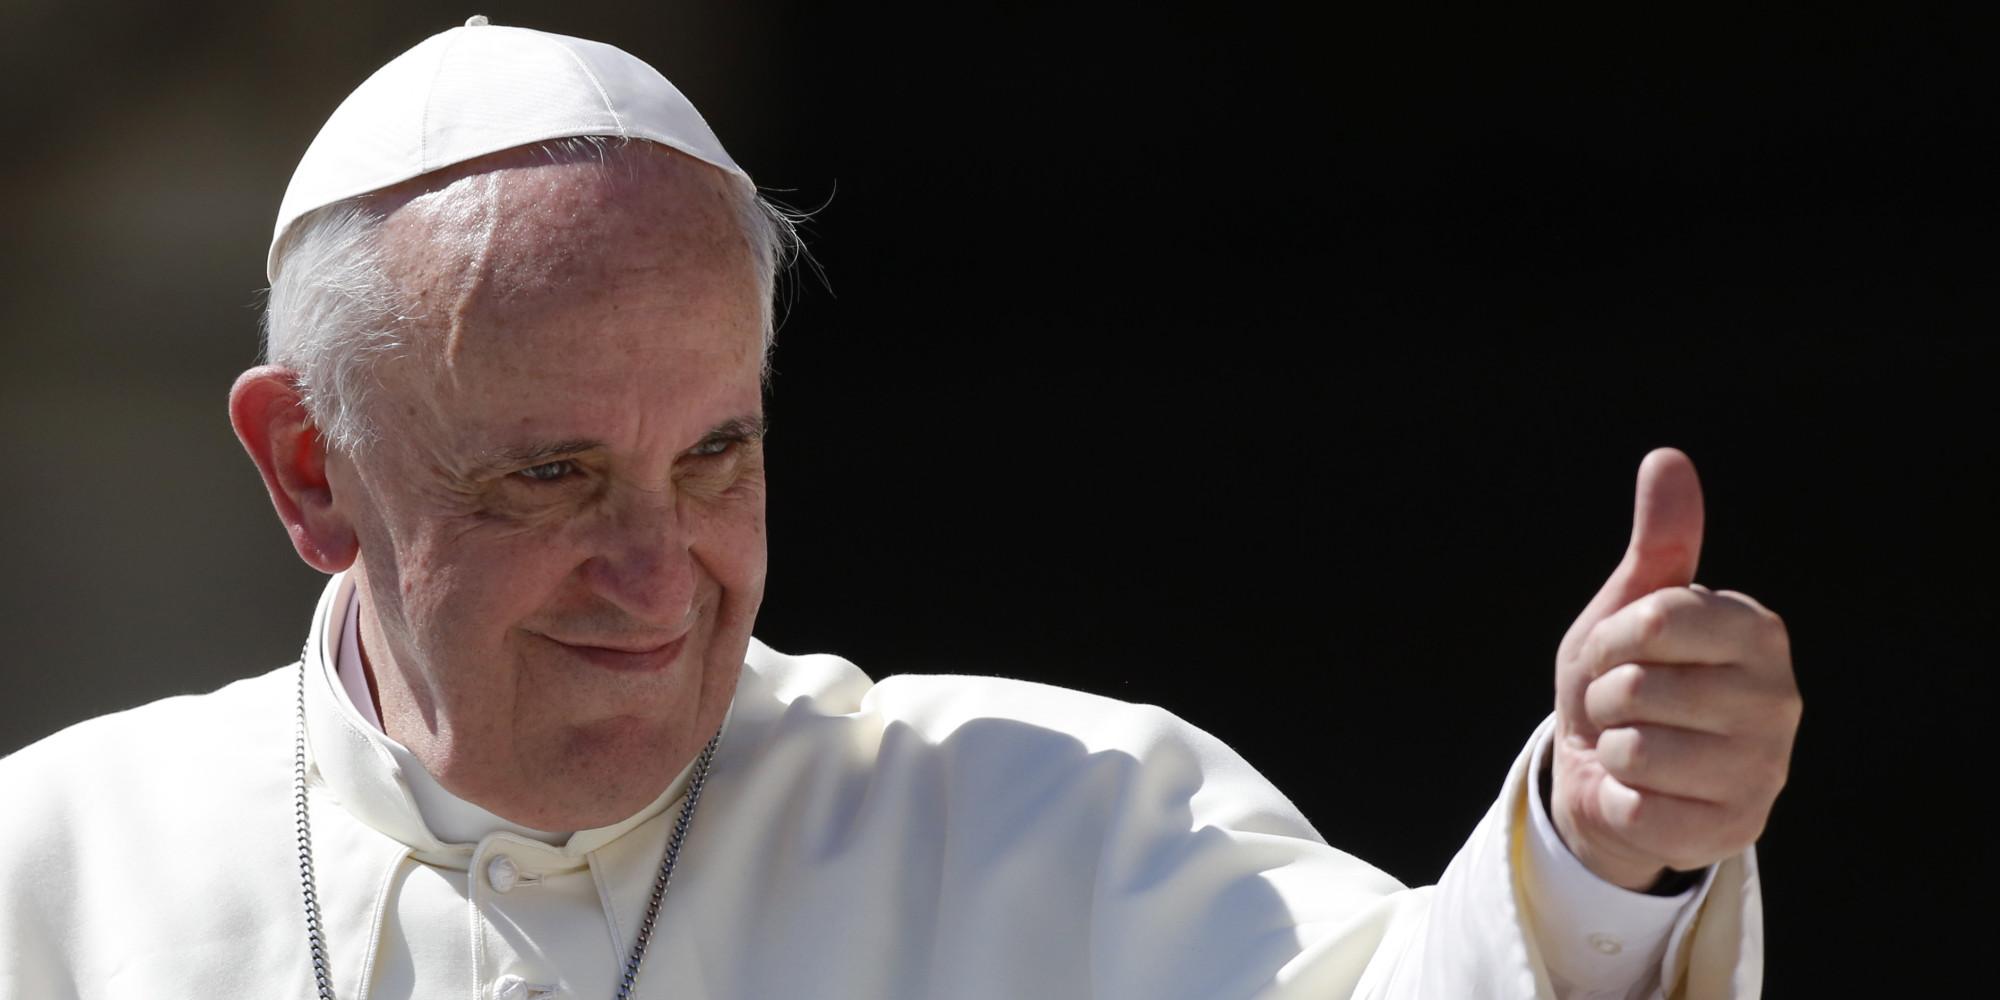 האפיפיור פרנציסקוס ,מביא עימו רוח חדשה